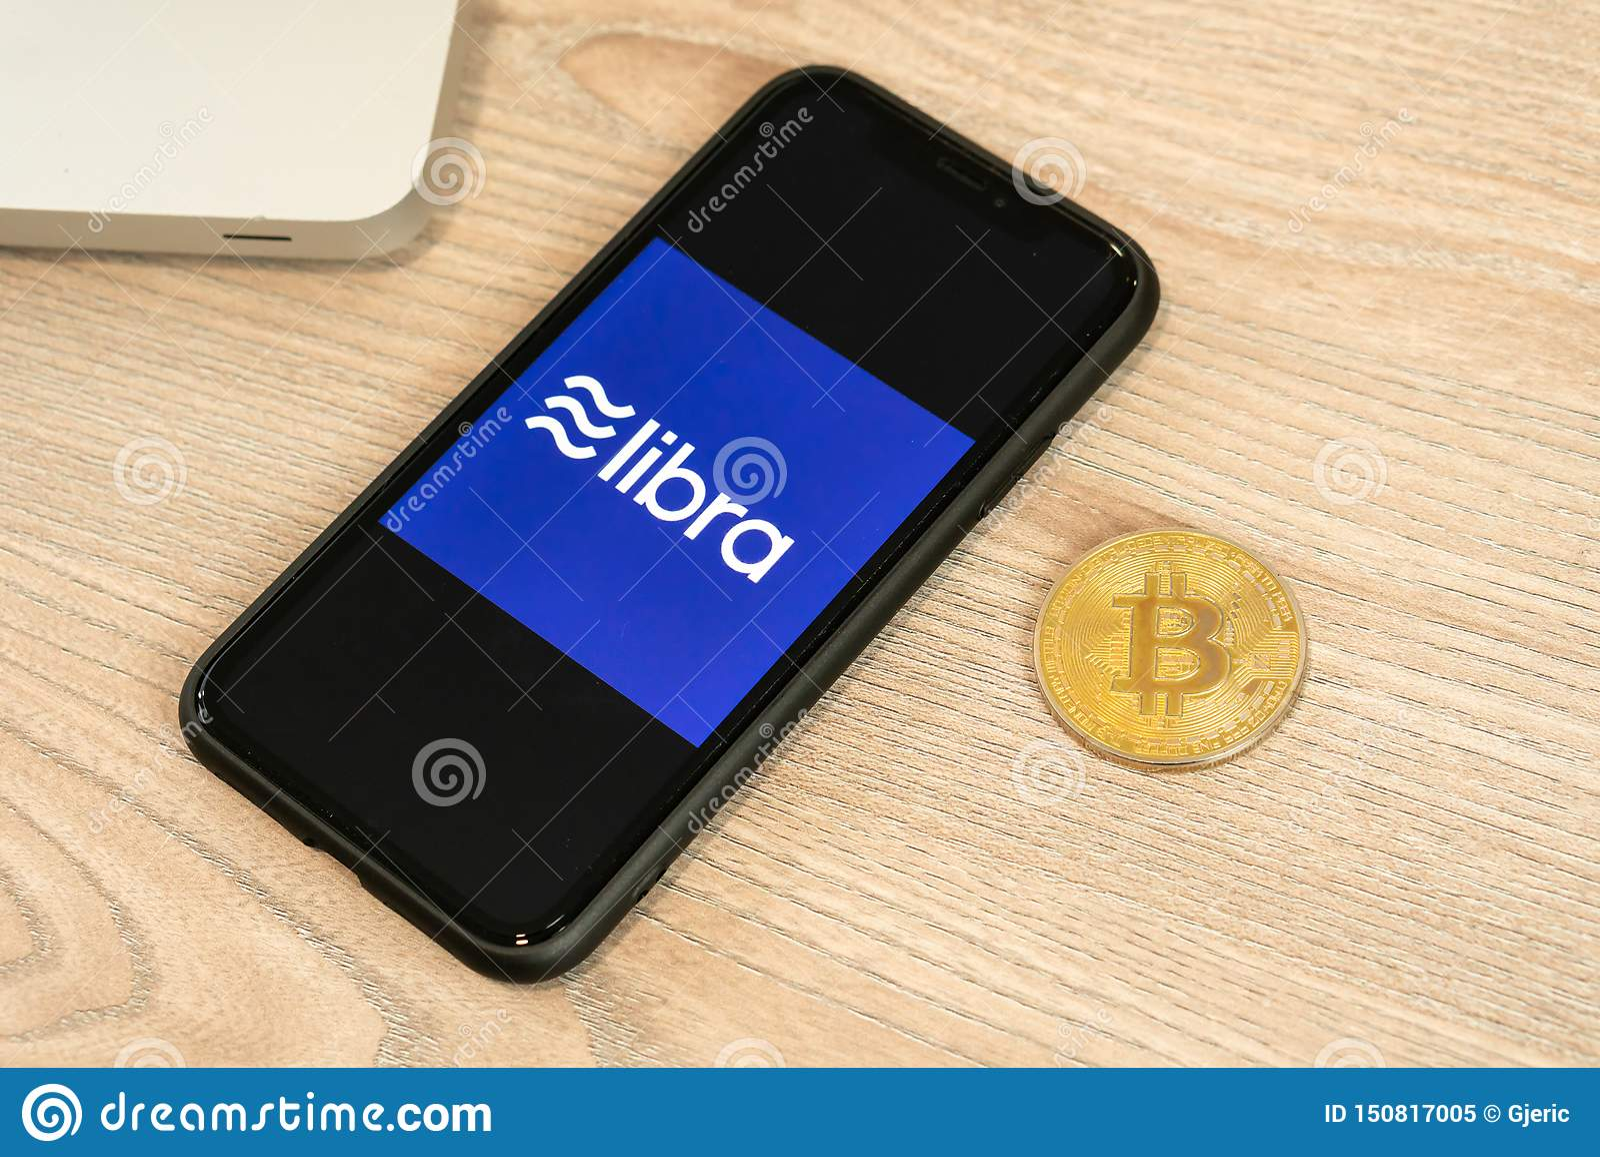 18 Juni 2019, Ljubljana Slovenien - smartphone med Våglogo på den, bredvid det Bitcoin myntet Facebook nya globalt